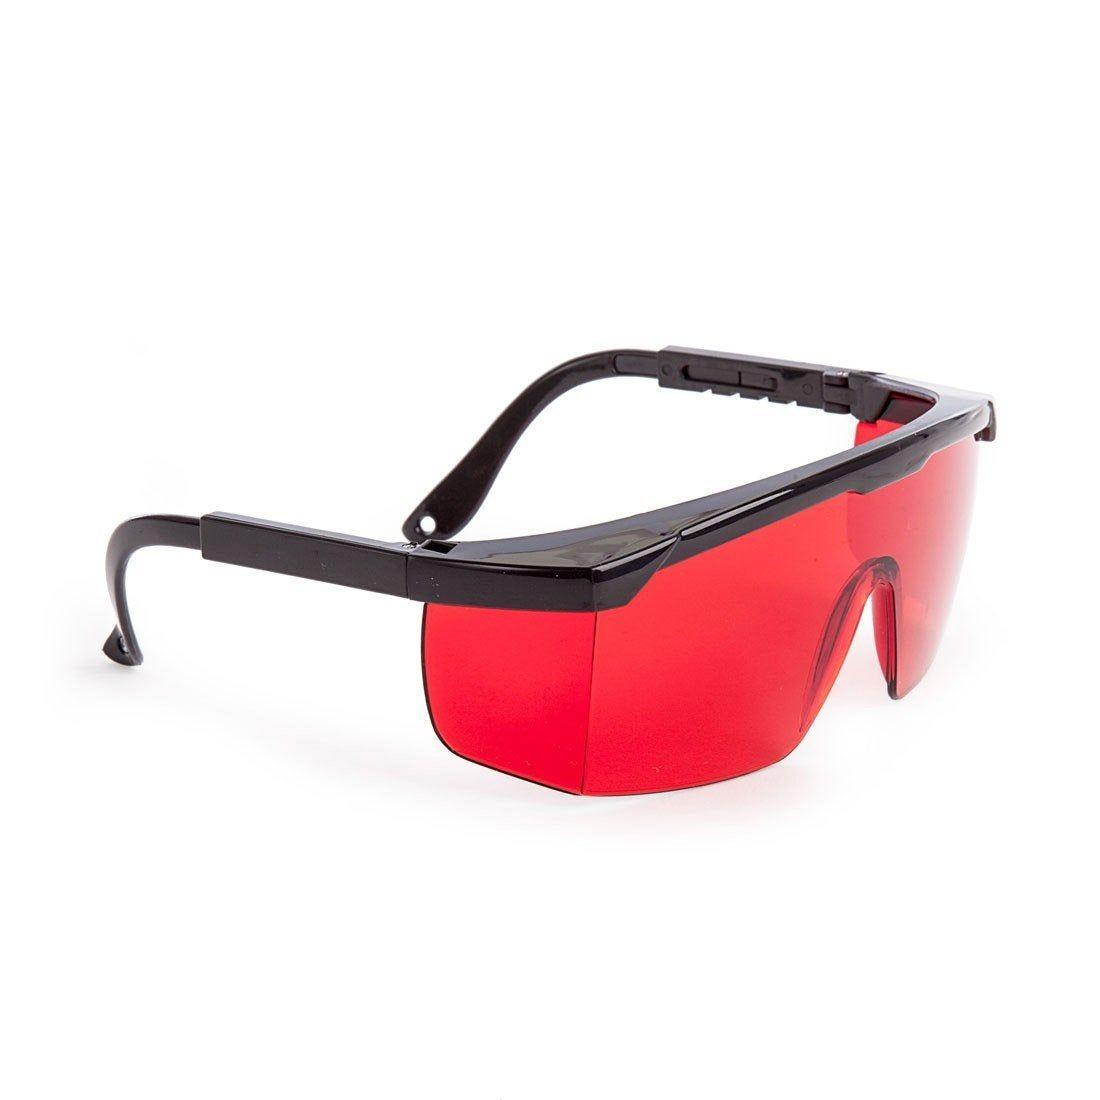 Bosch Professional Lunettes de vision laser rouge